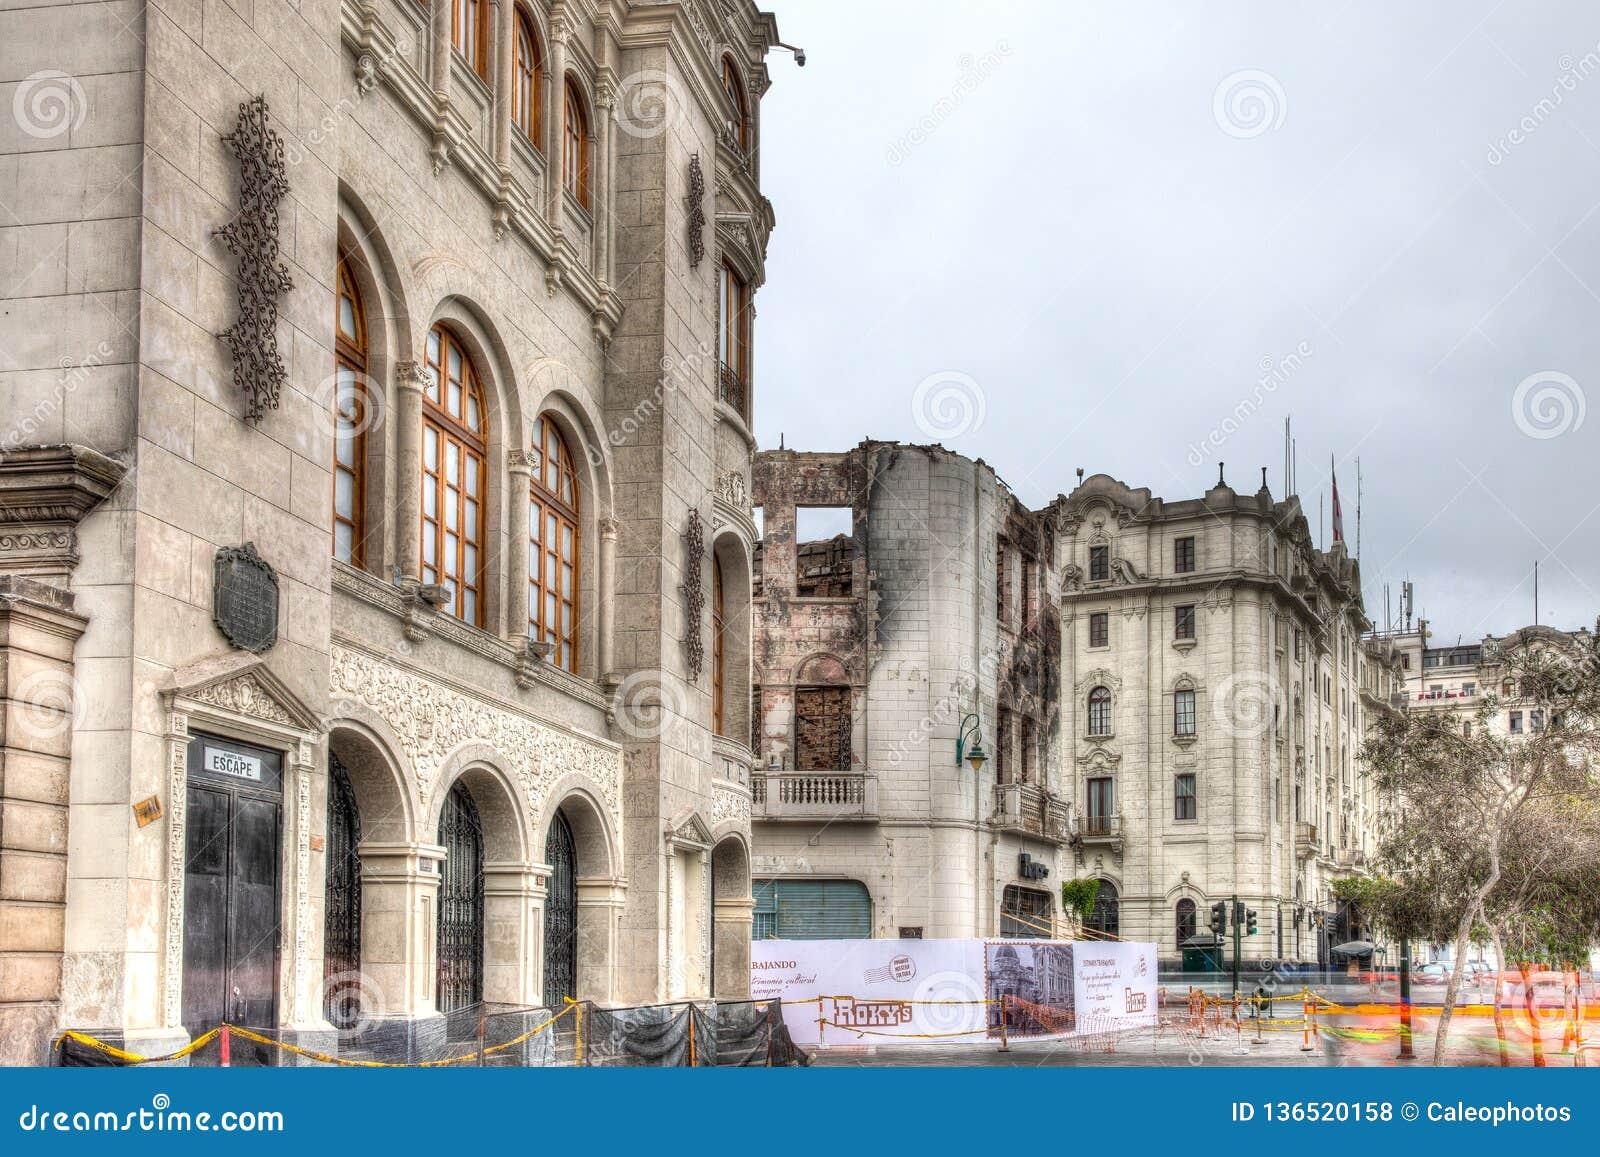 Teatro Colon in Lima, Peru